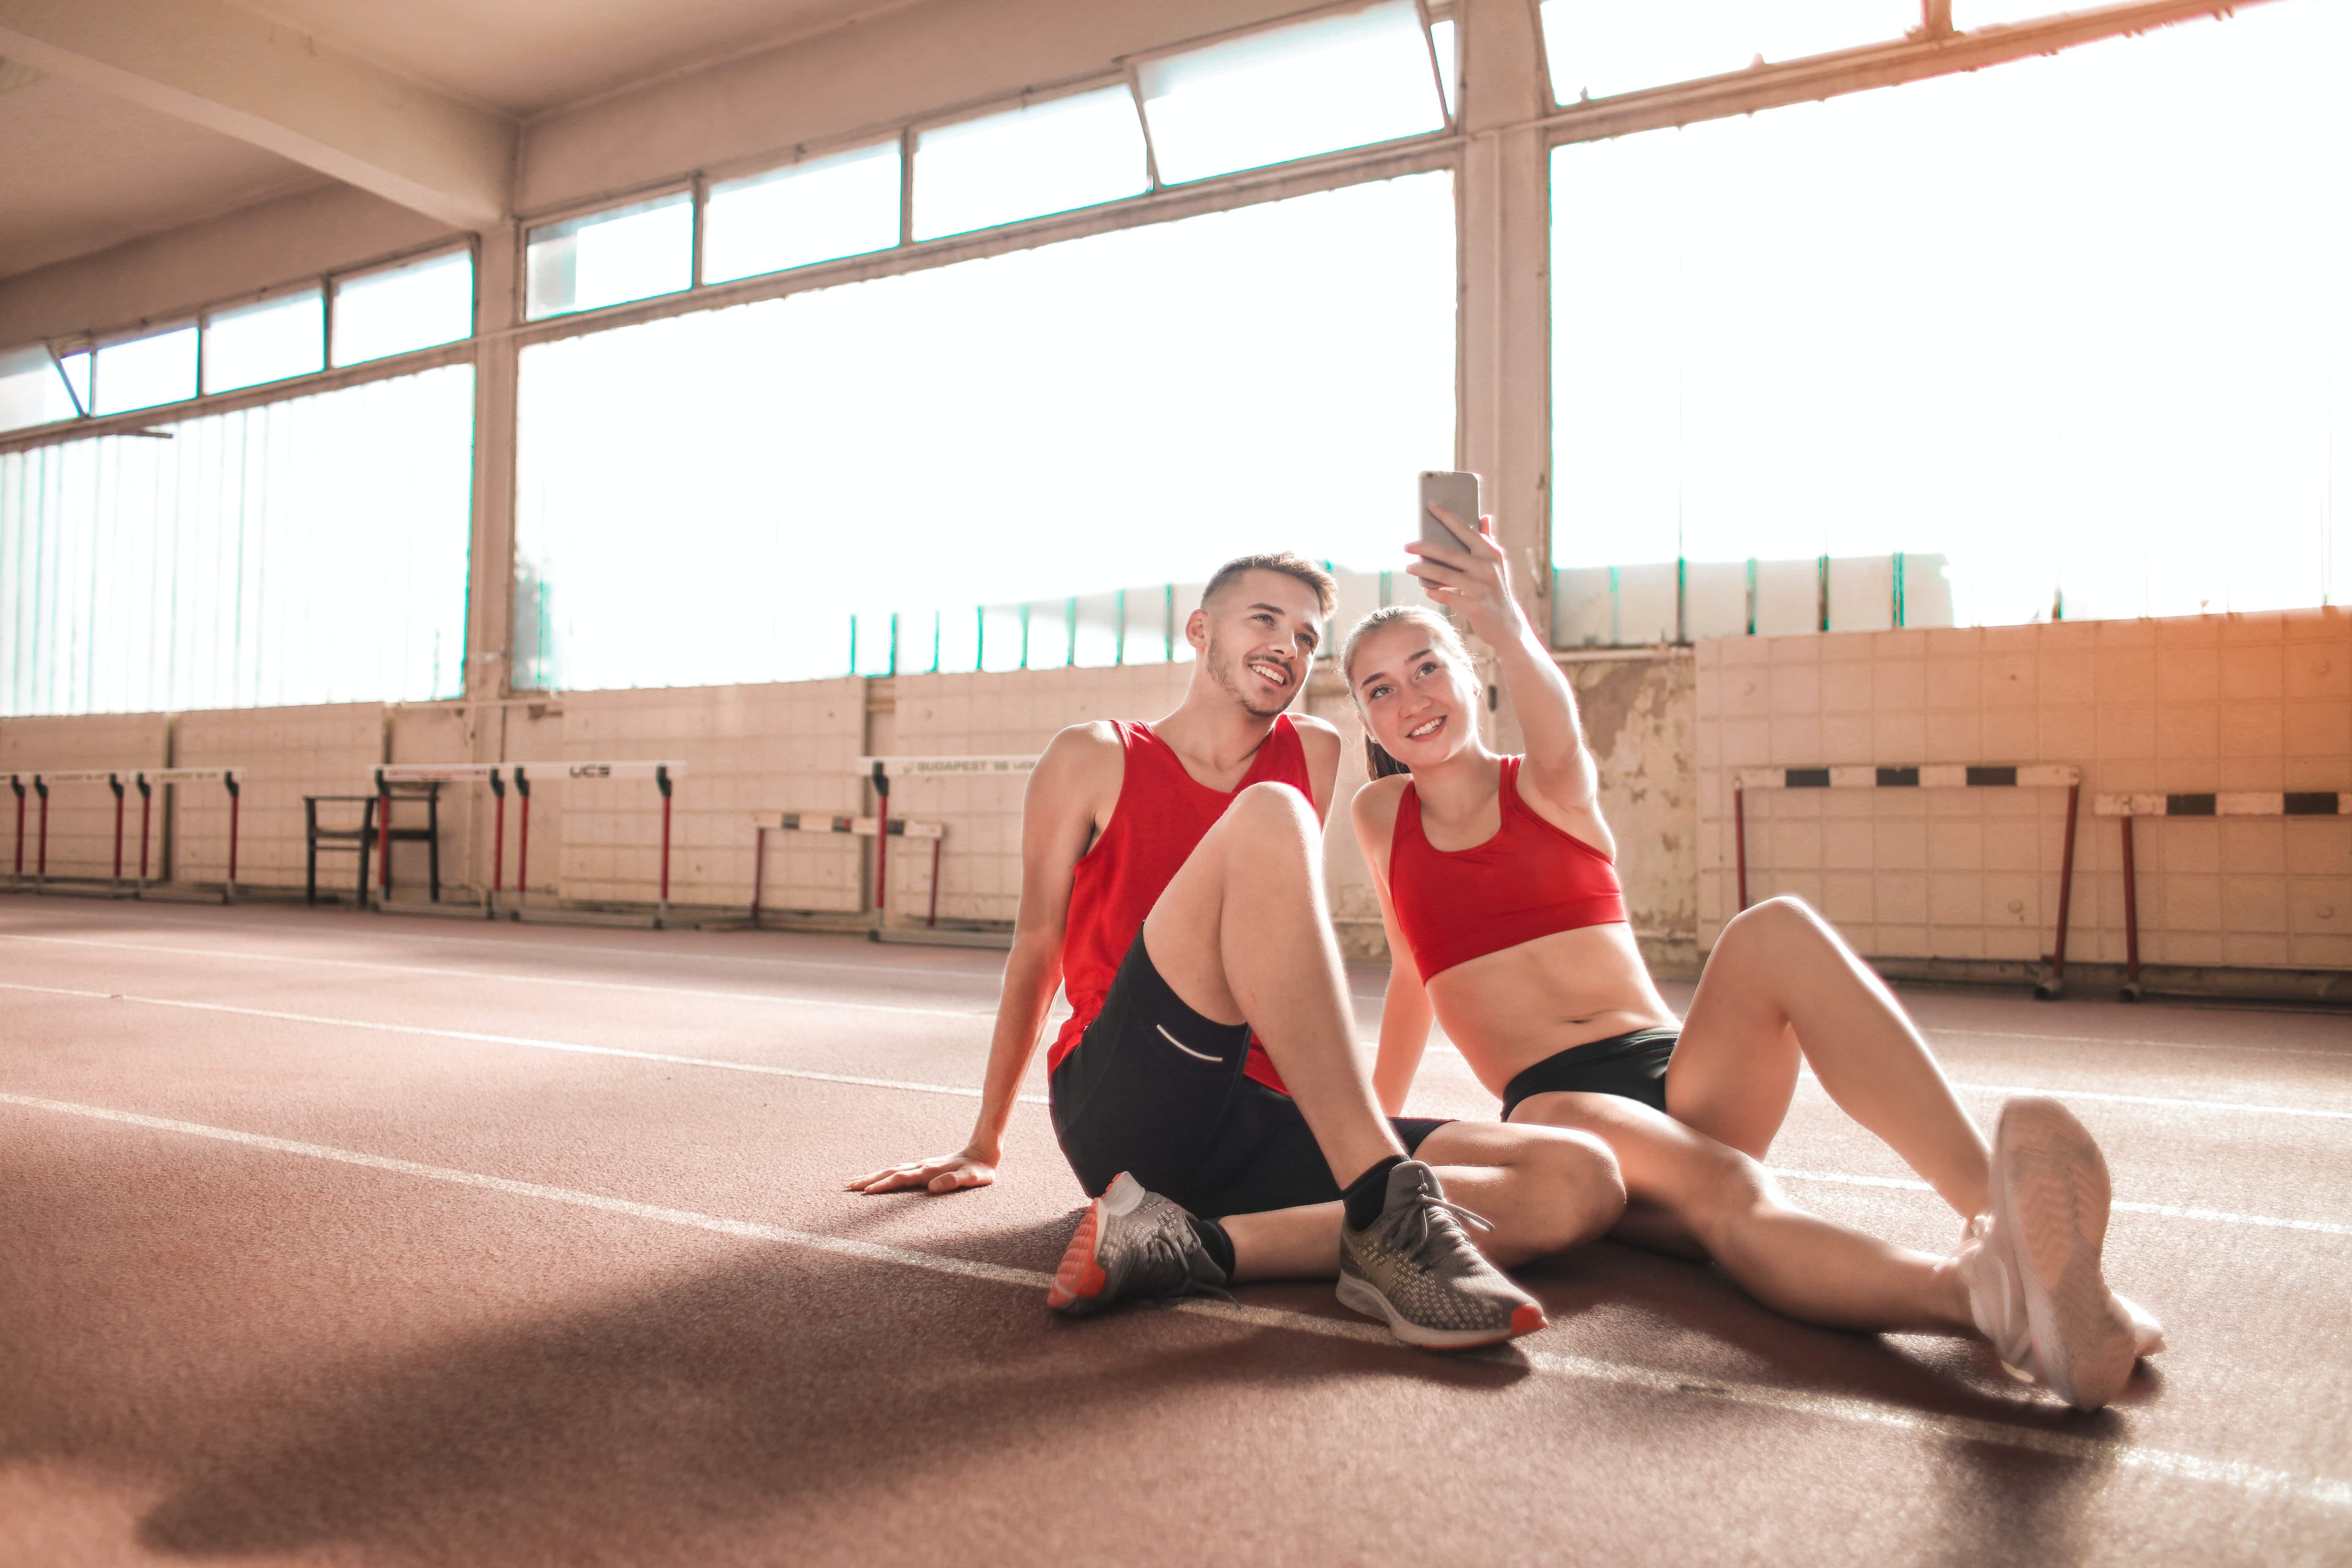 Marcas de deporte:refuerza tu estrategia de marketing gracias a la influencia